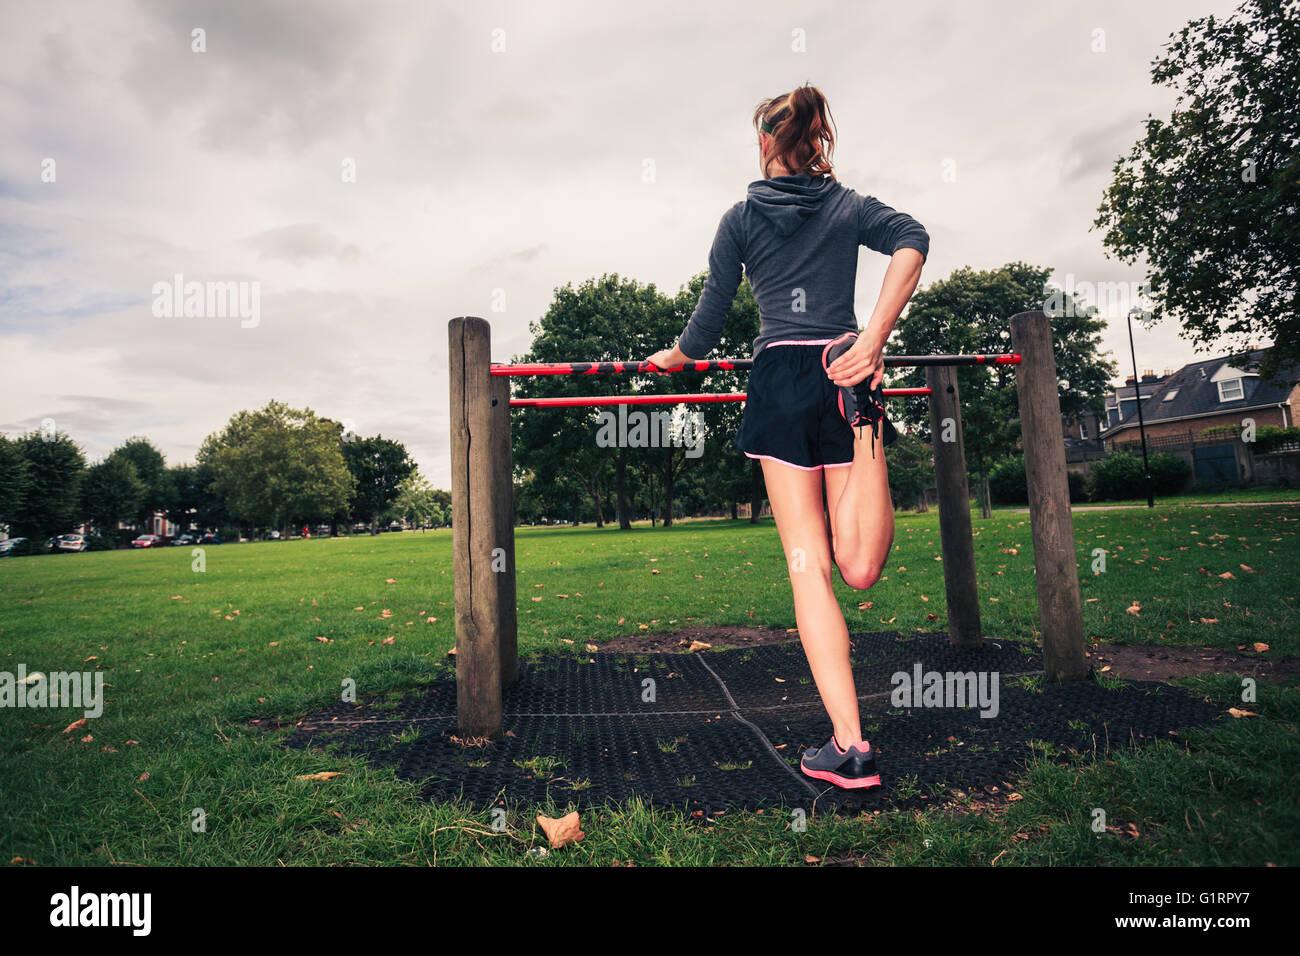 Une jeune femme s'étire ses jambes sur l'équipement de conditionnement physique dans le parc Photo Stock